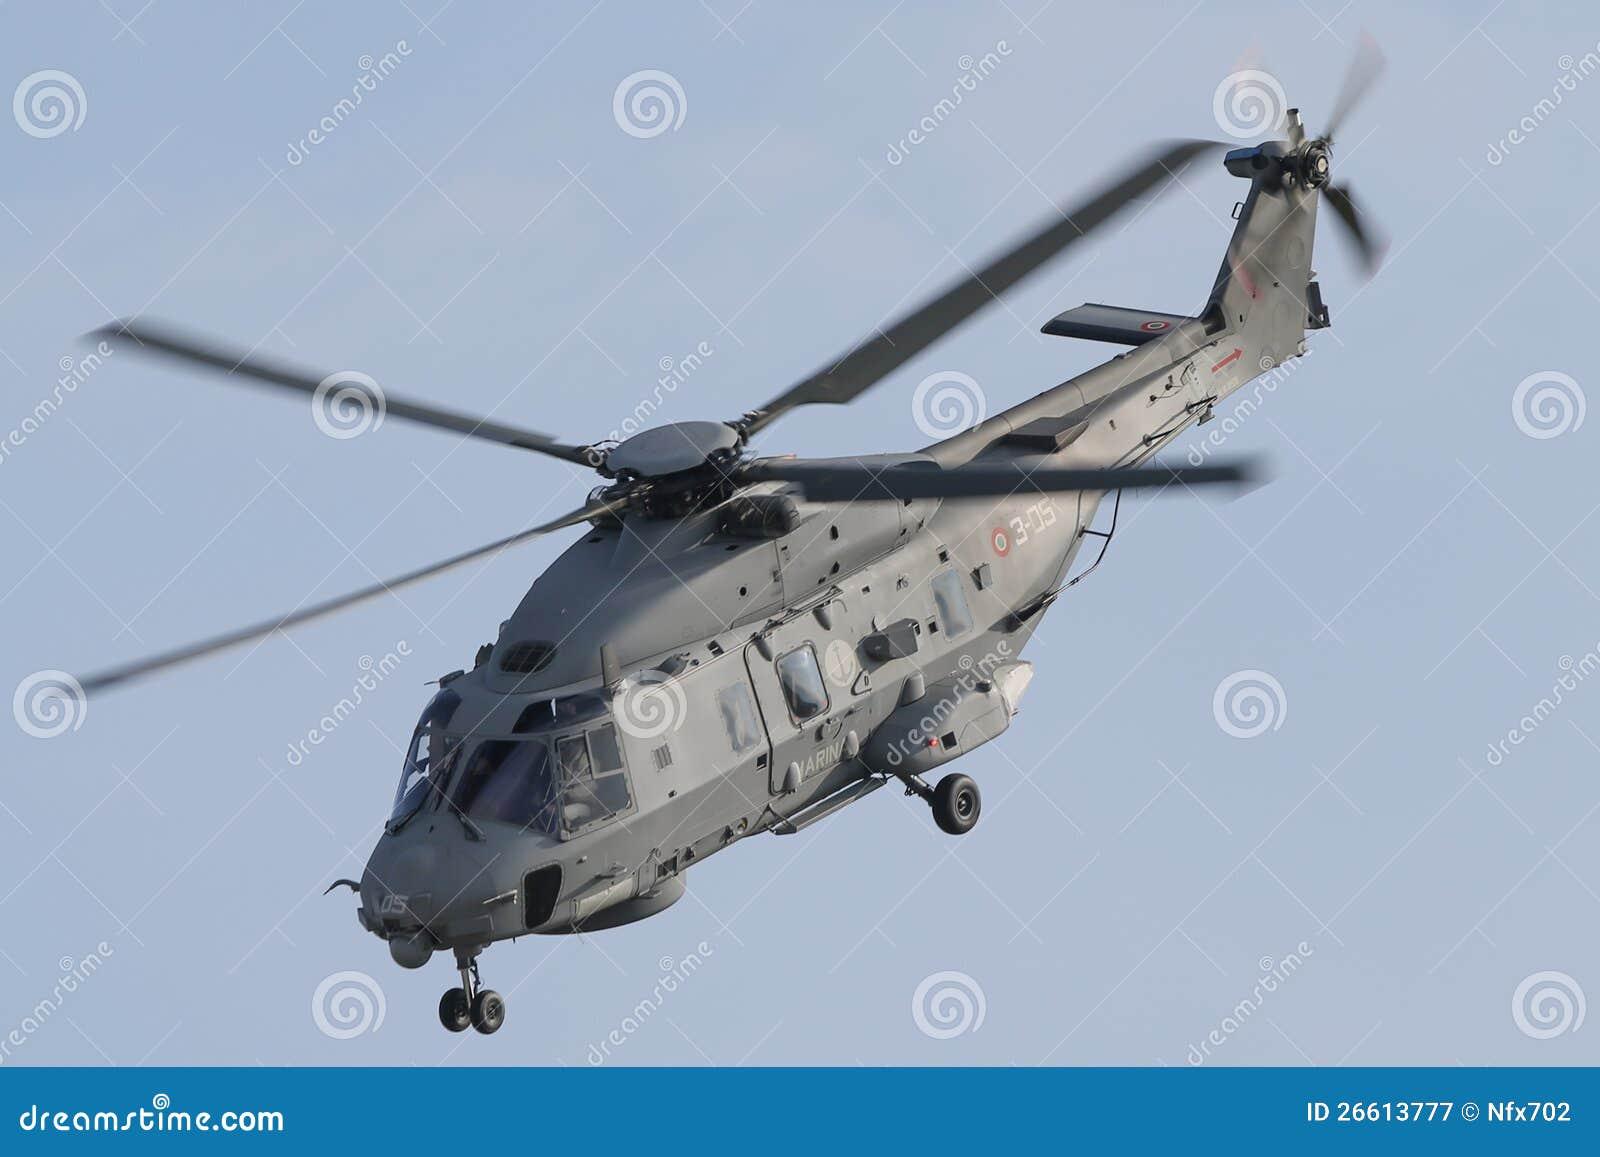 林��h���9�9��9��9�k_柏林- 9月11 :军事直升机nh产业nh90 nfh (3月 图库摄影片